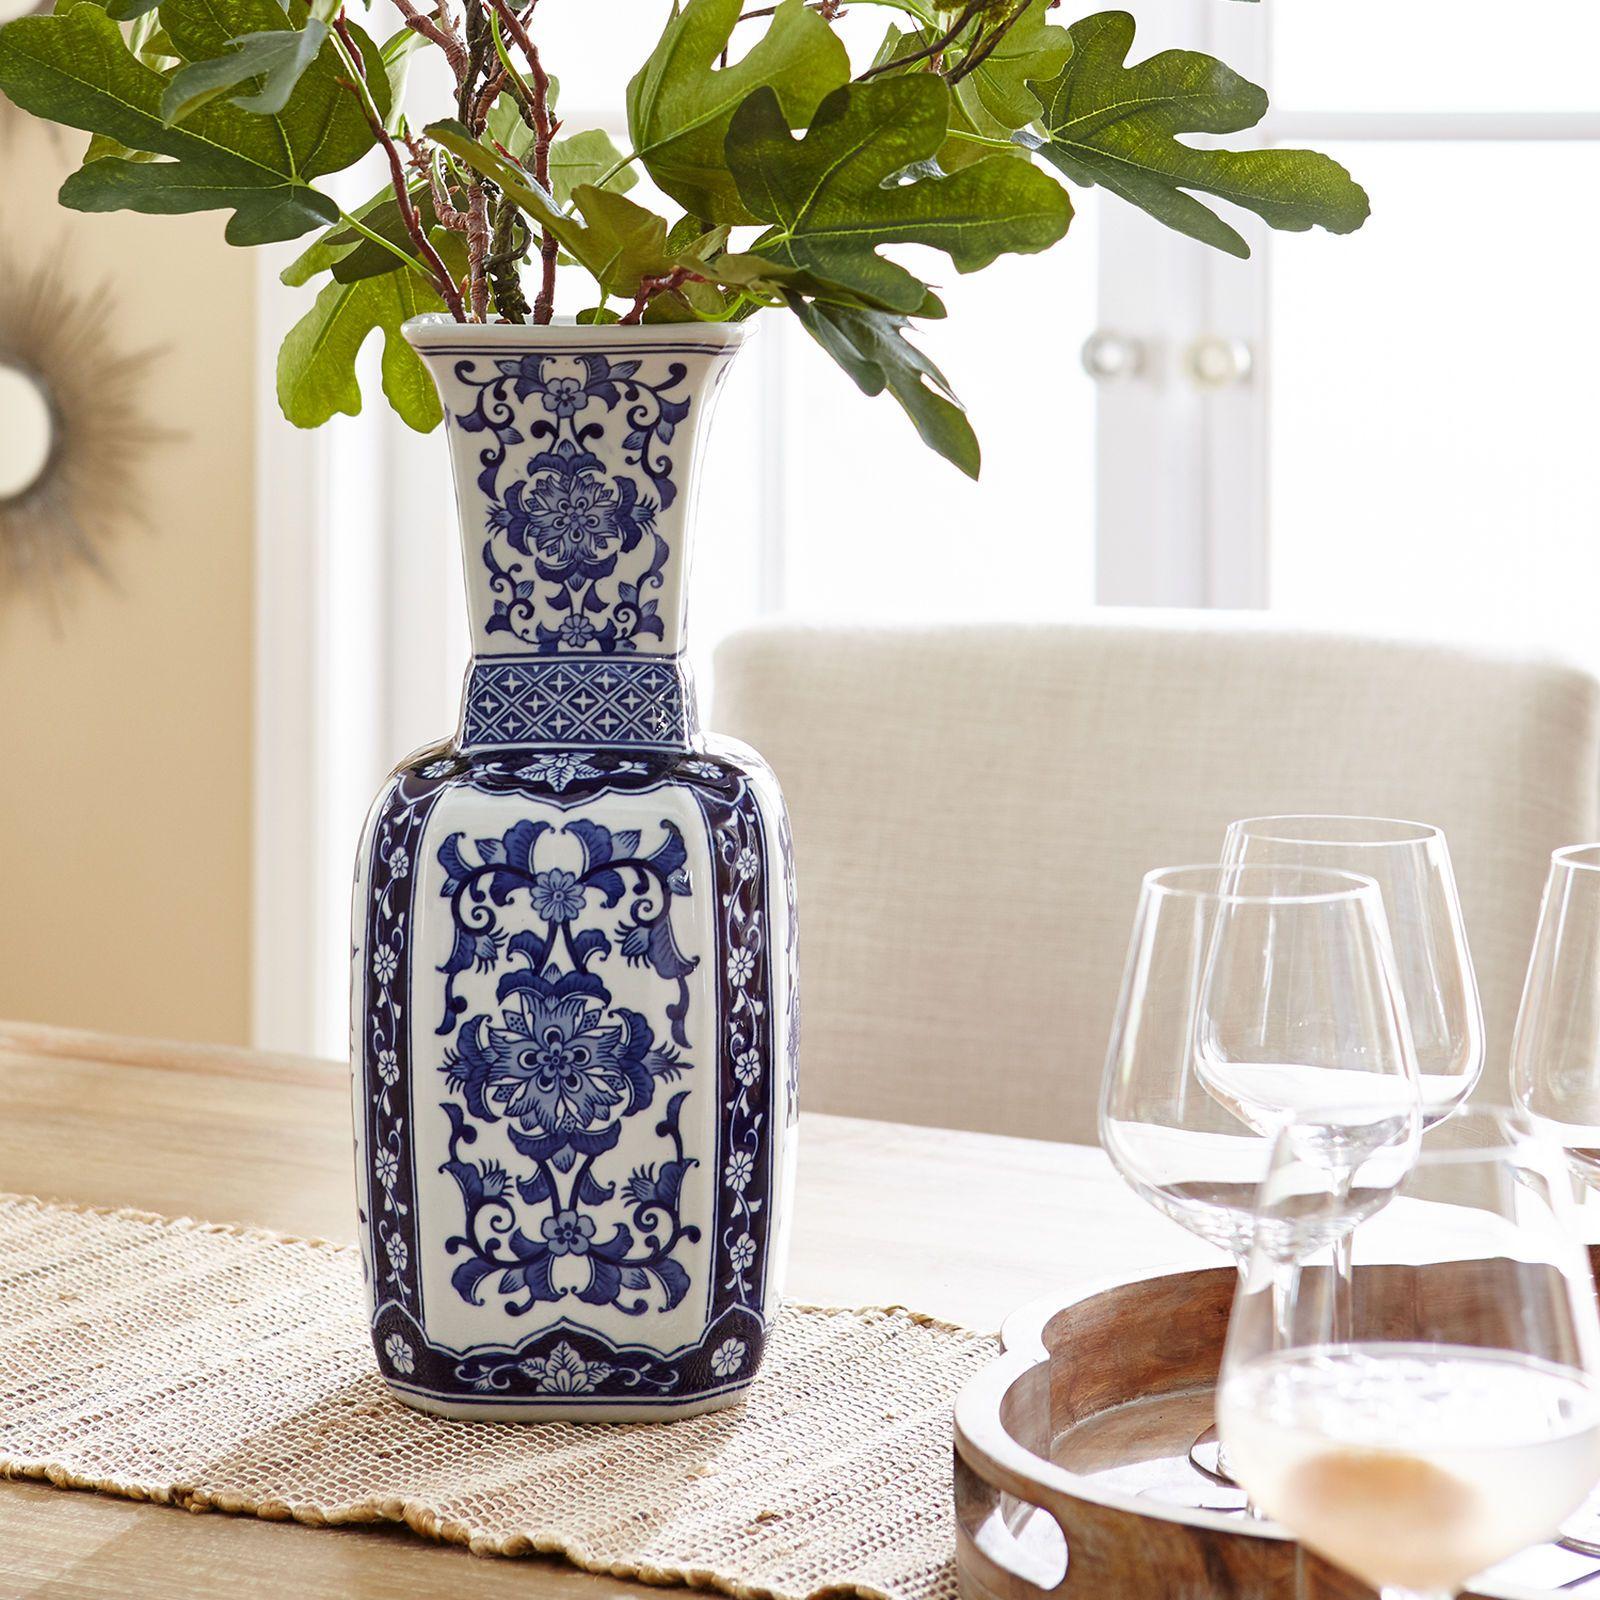 Blue White Ceramic Vase Blue And White Vase Ceramic Vase White Ceramic Vases